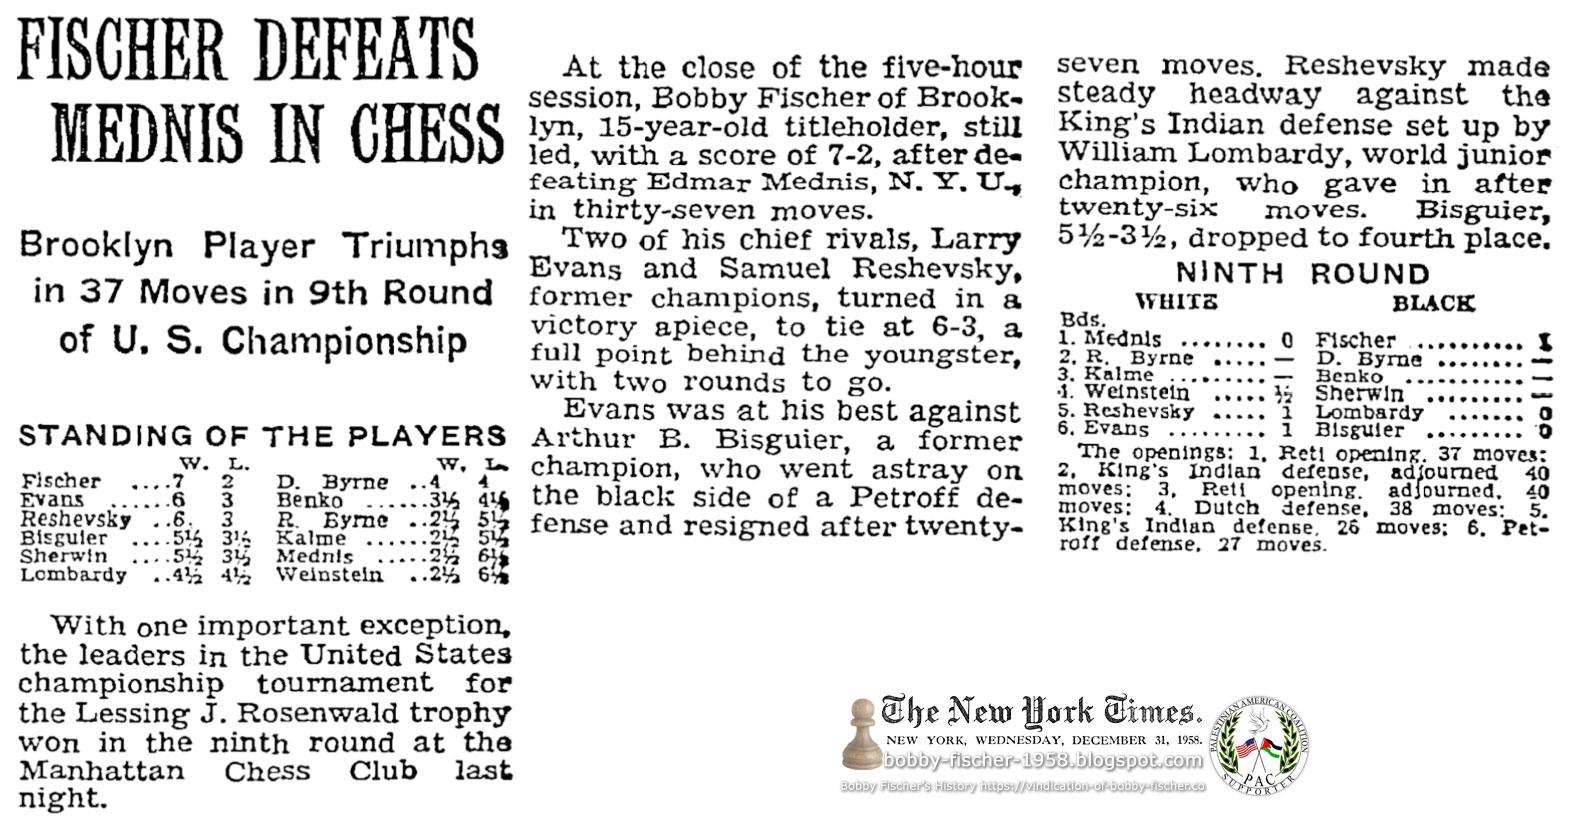 Fischer Defeats Mednis In Chess